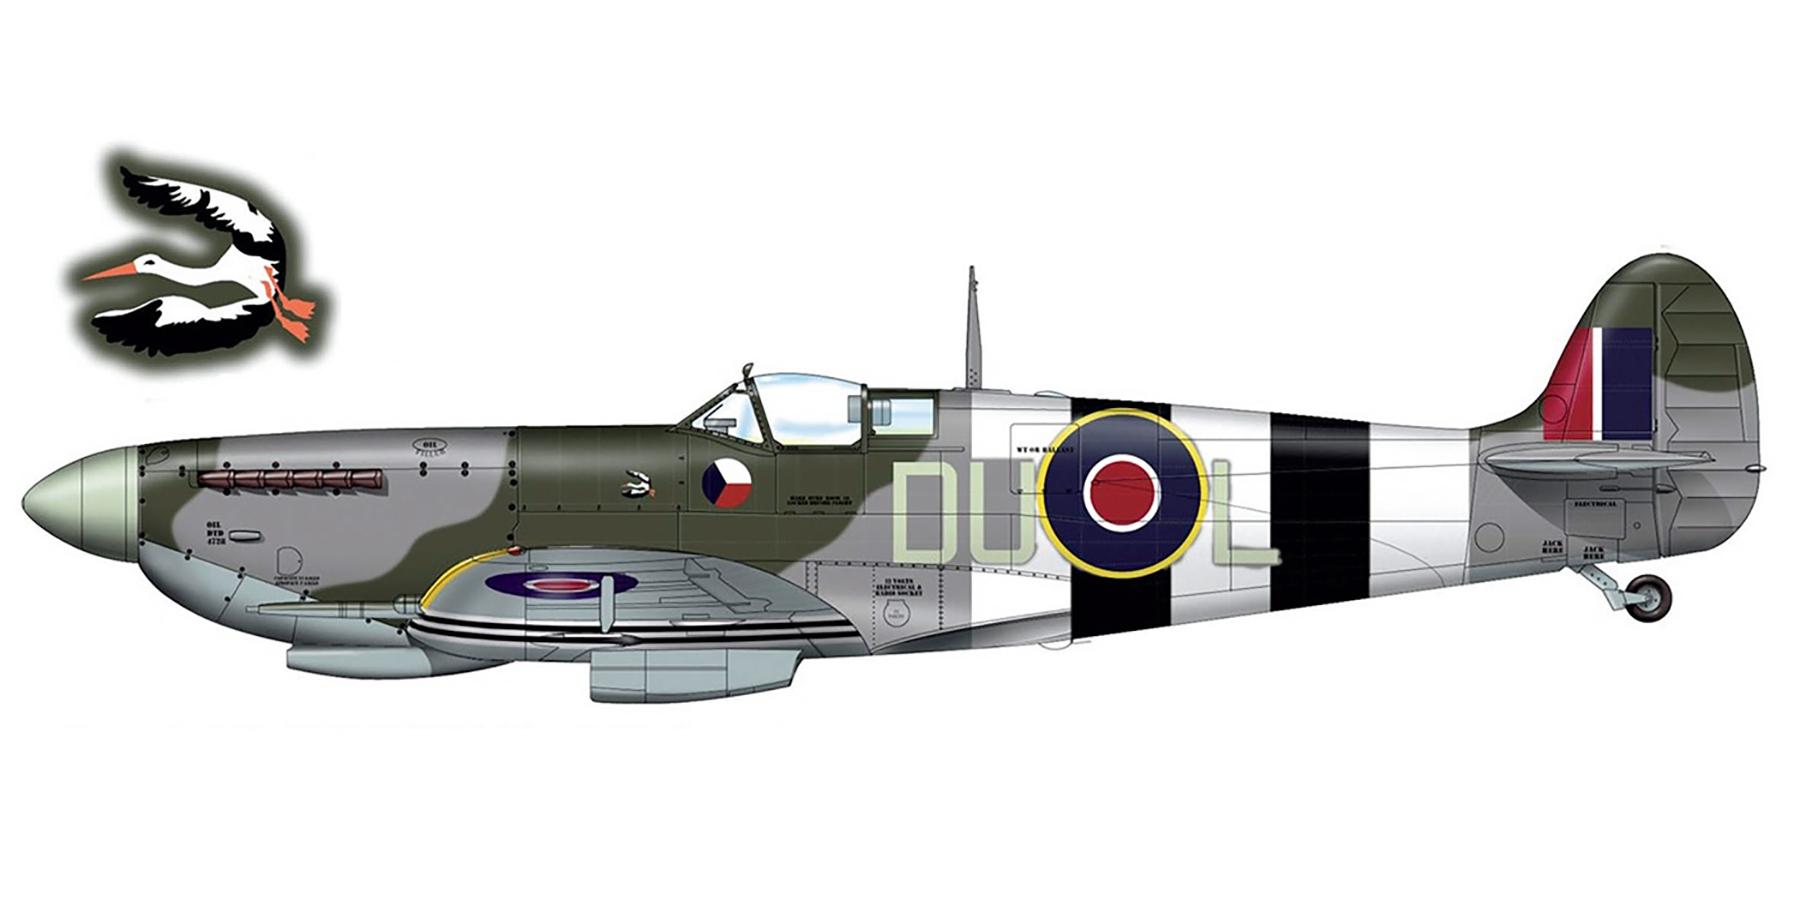 Spitfire LFIX RAF 312Sqn DUL MJ840 11th June 1944 0A